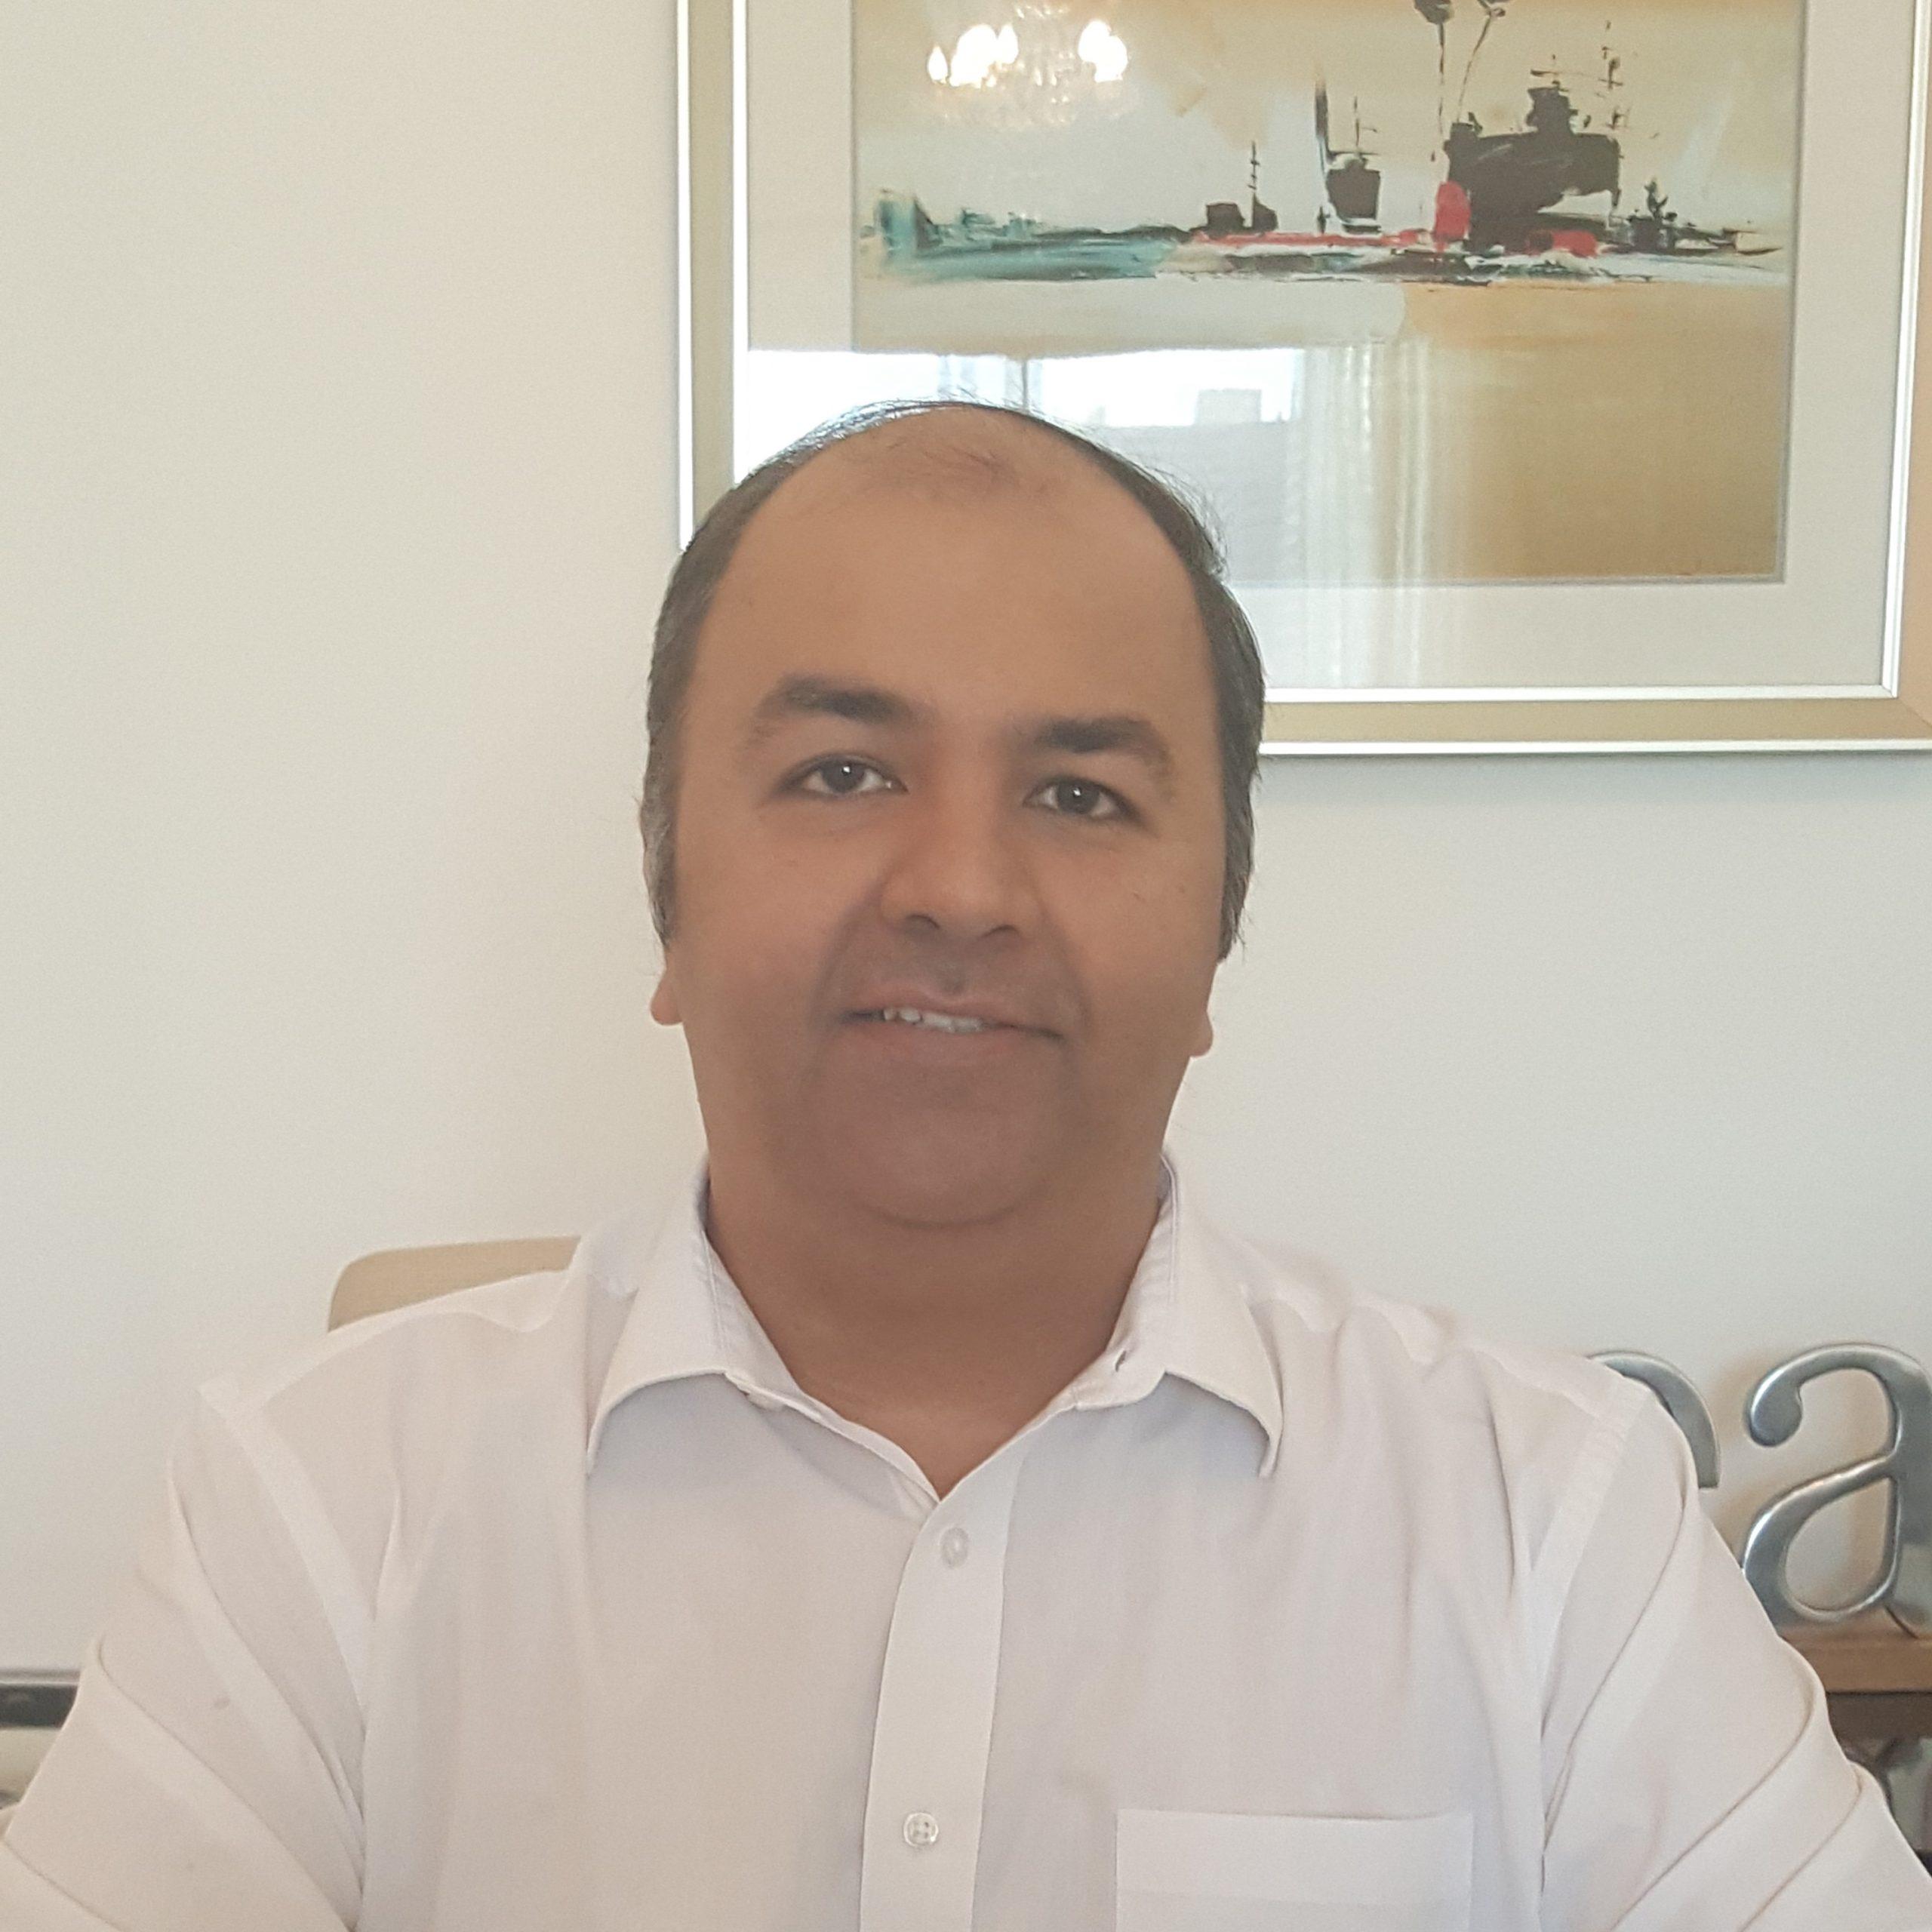 Uday Gehani